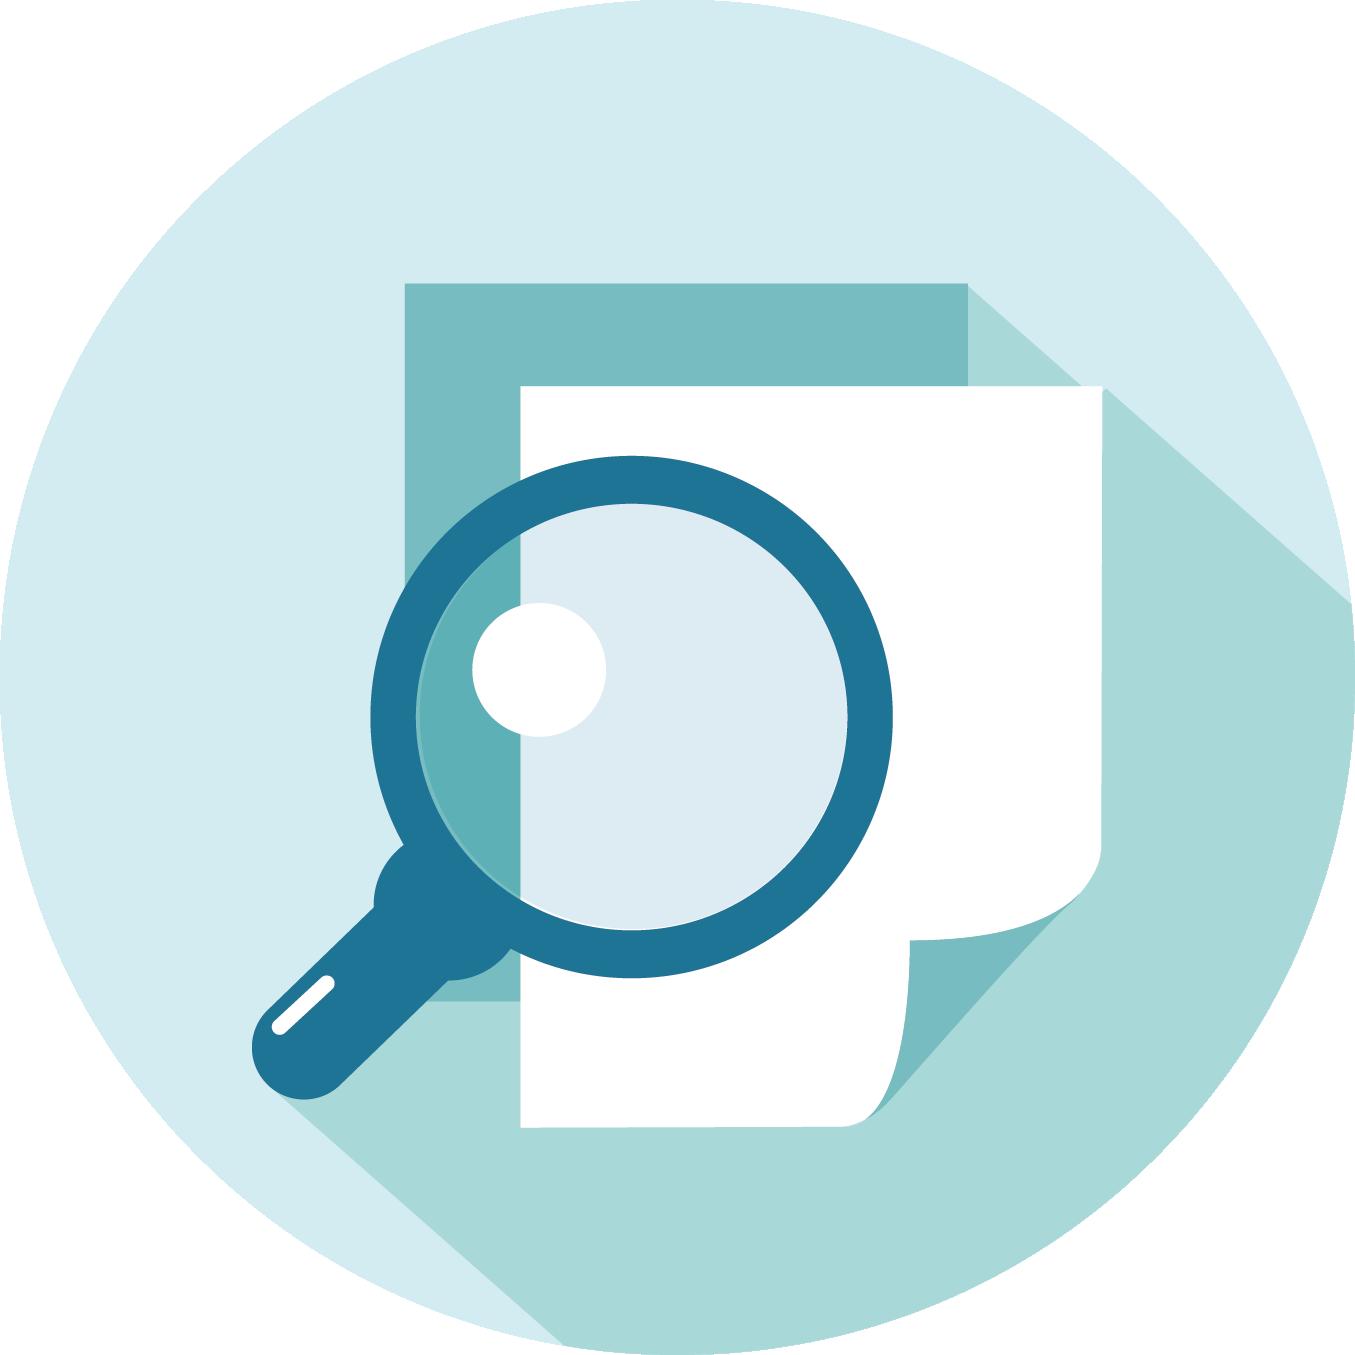 Des informations contrôlées et auditées